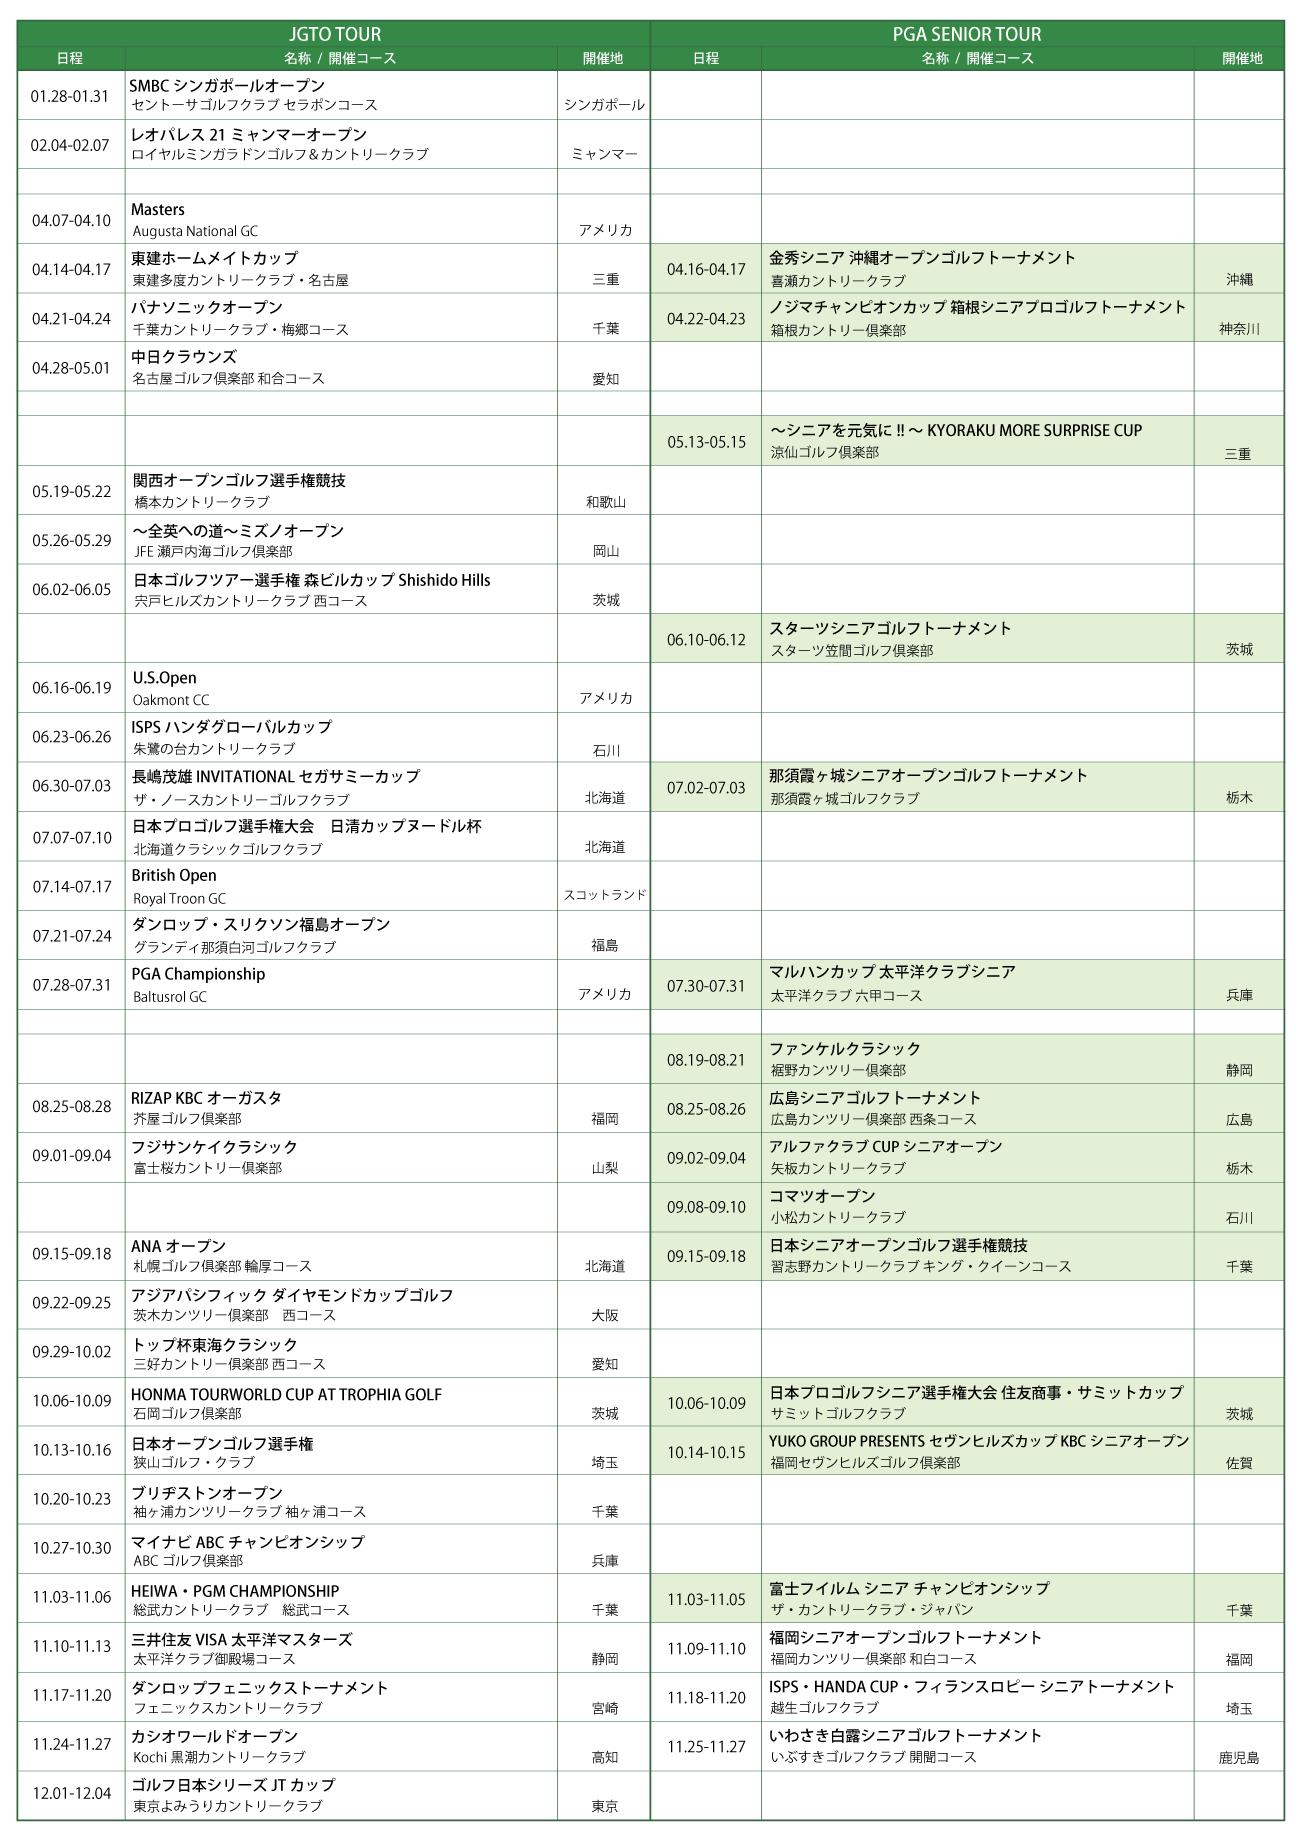 2016 トーナメントスケジュール